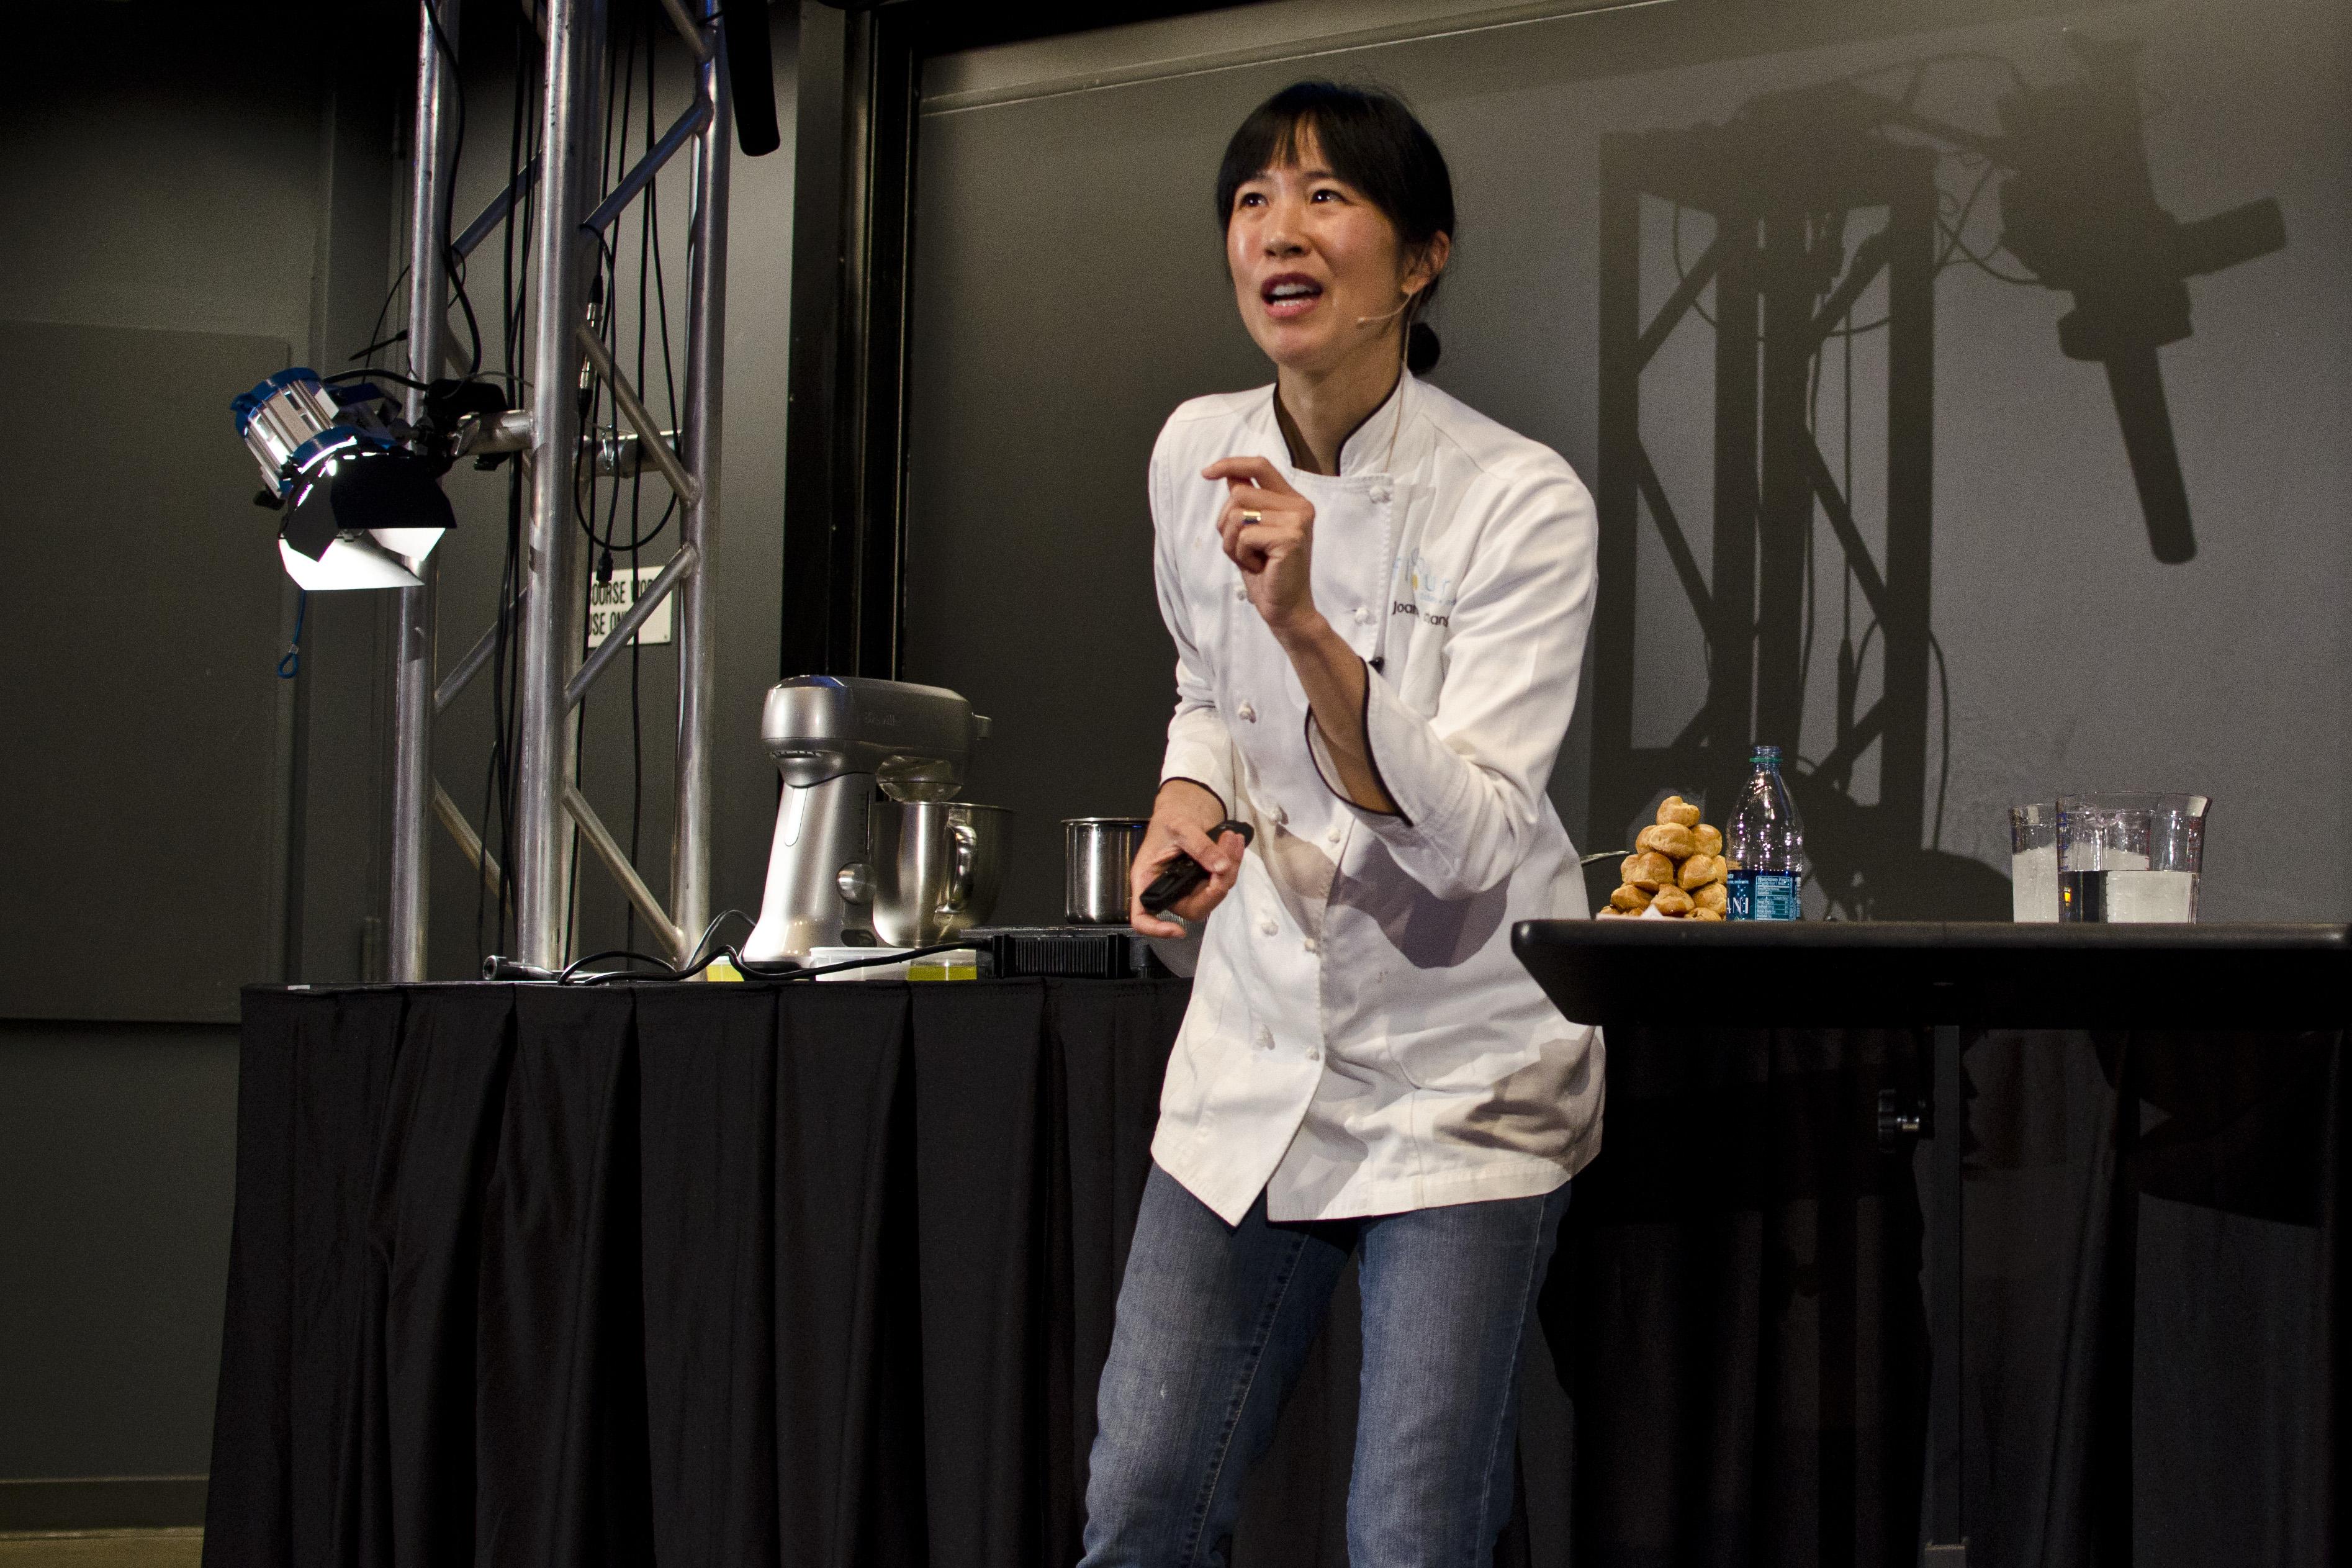 Joanne Chang at Harvard